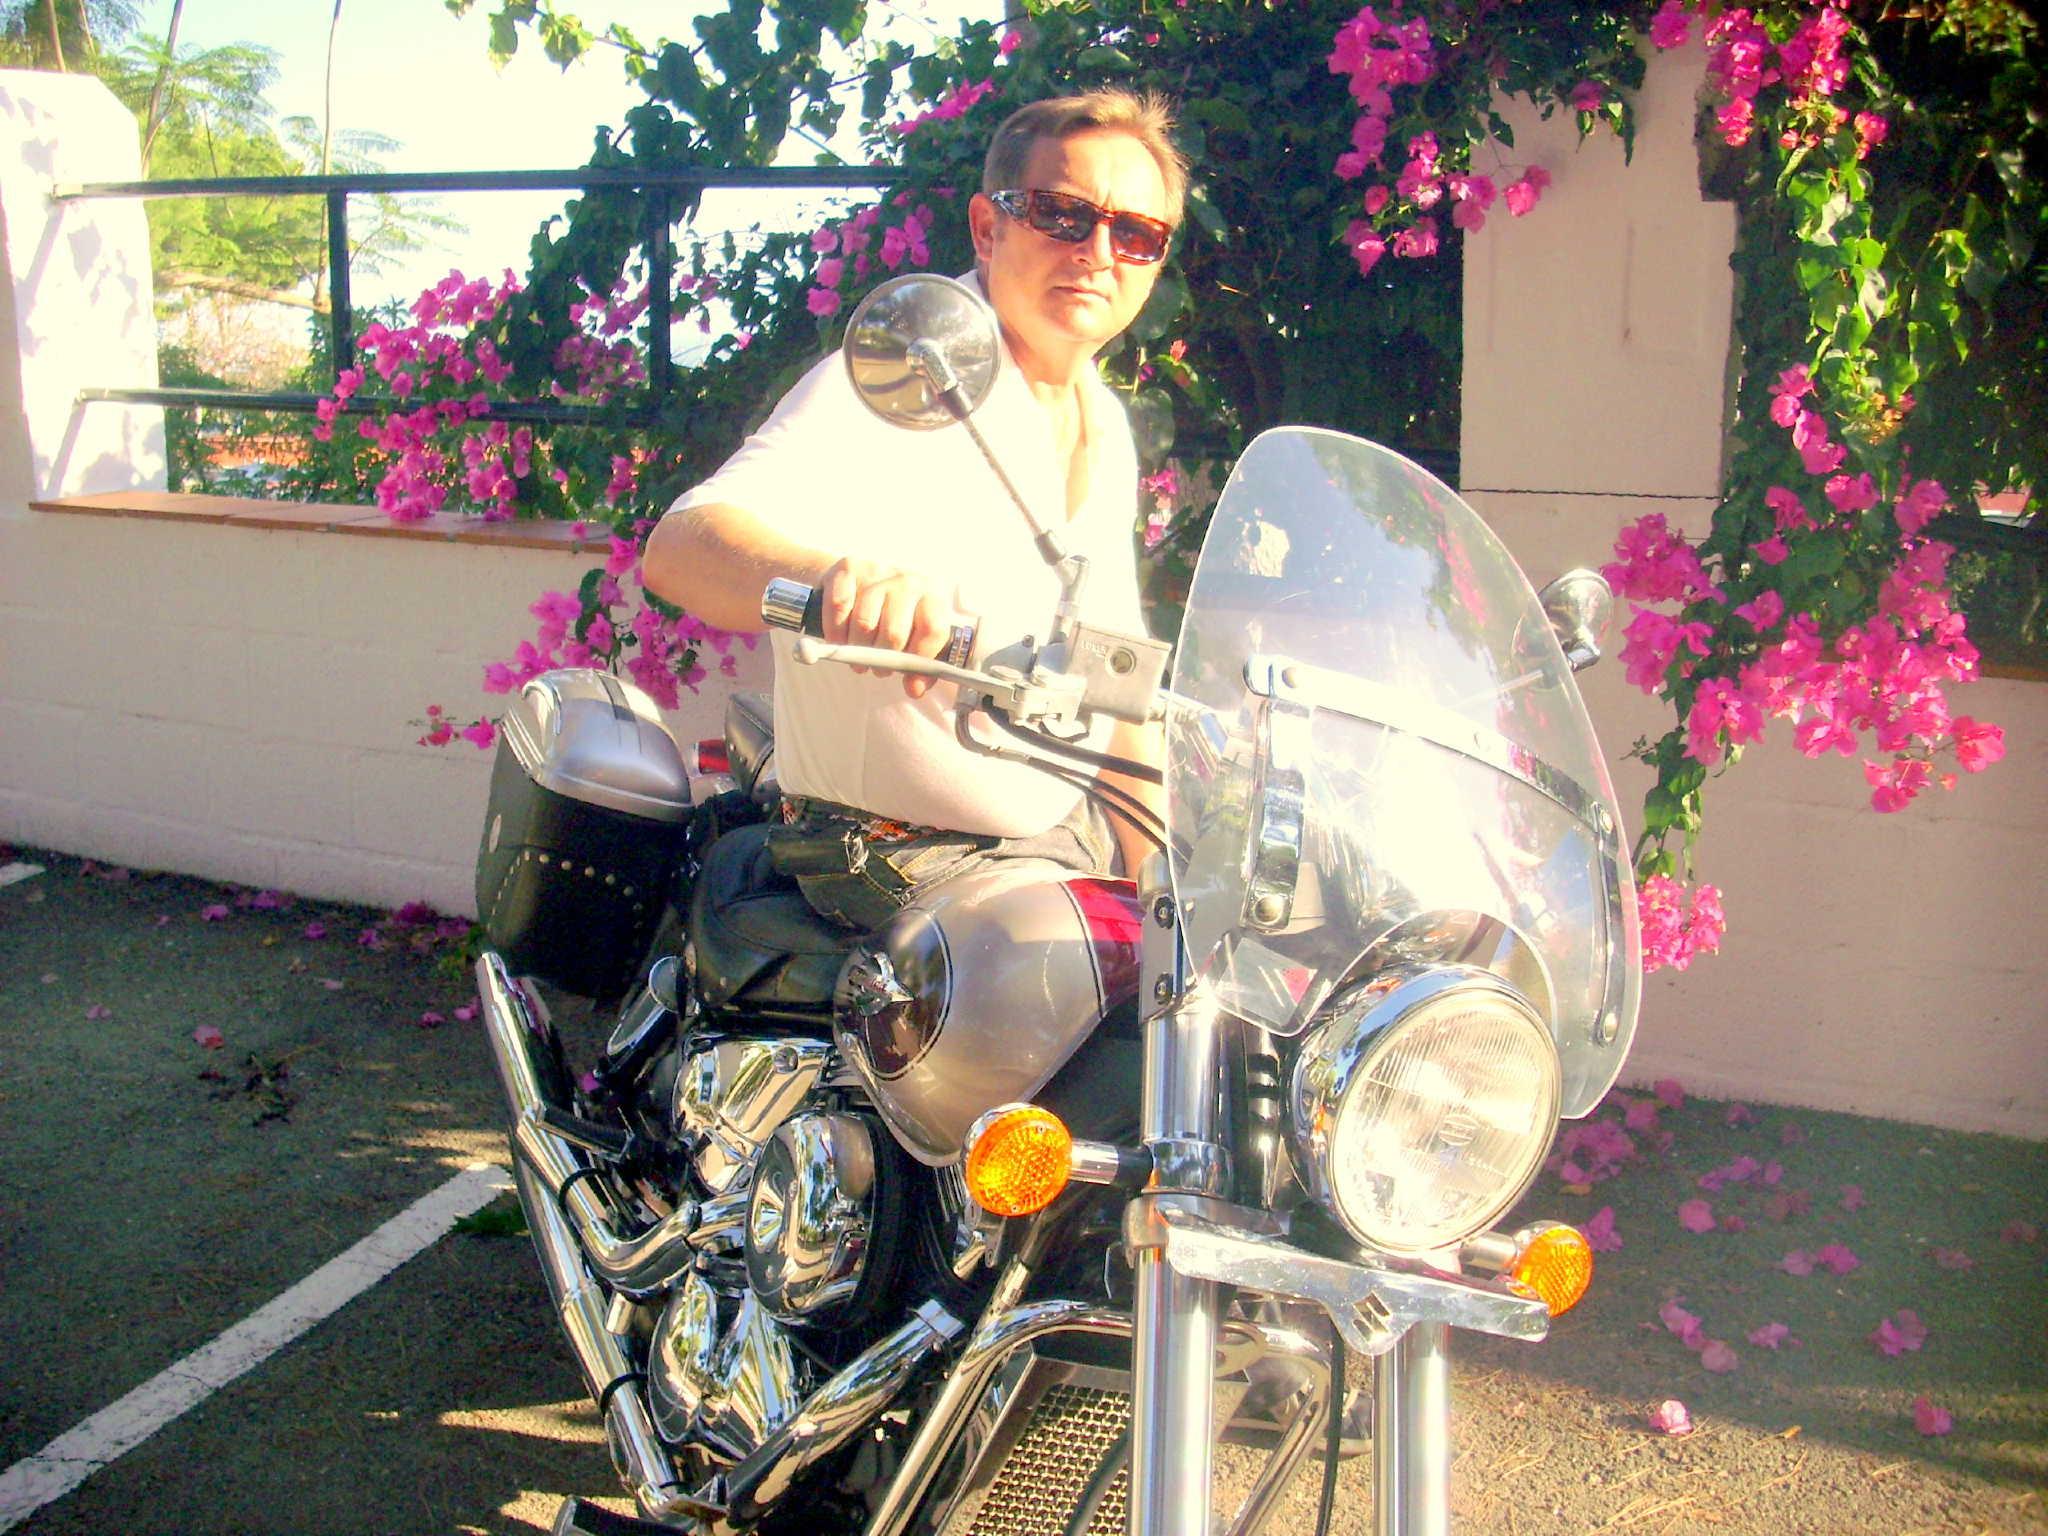 Motorradfahren, es ist eine große Freude